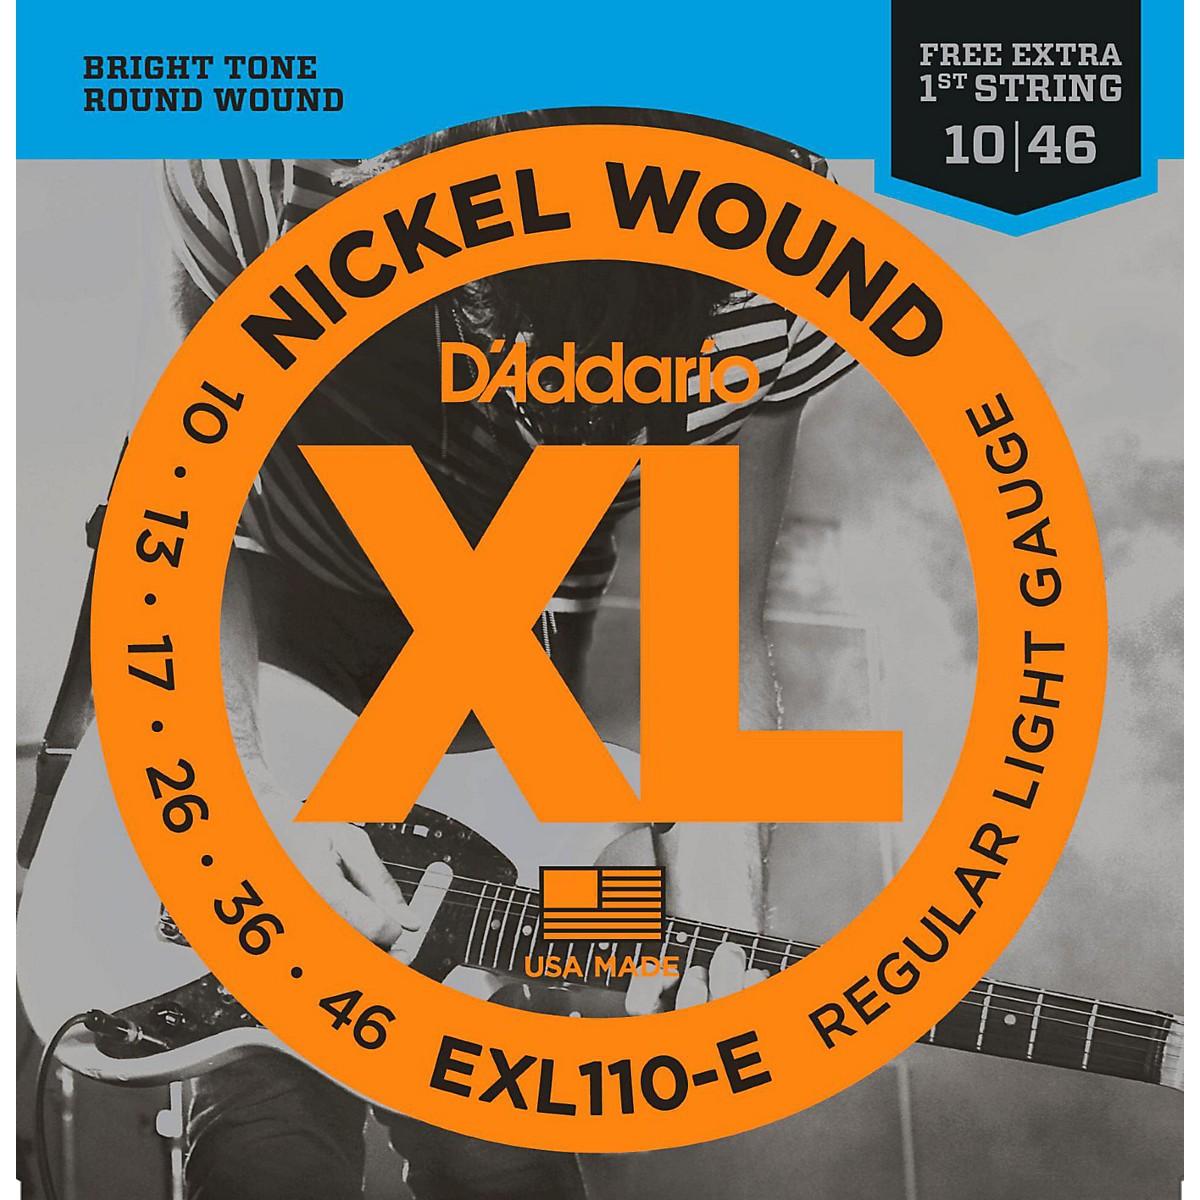 D'Addario EXL110-E Bonus Pack: Light Electric Guitar Strings with Bonus High E String (10-46)